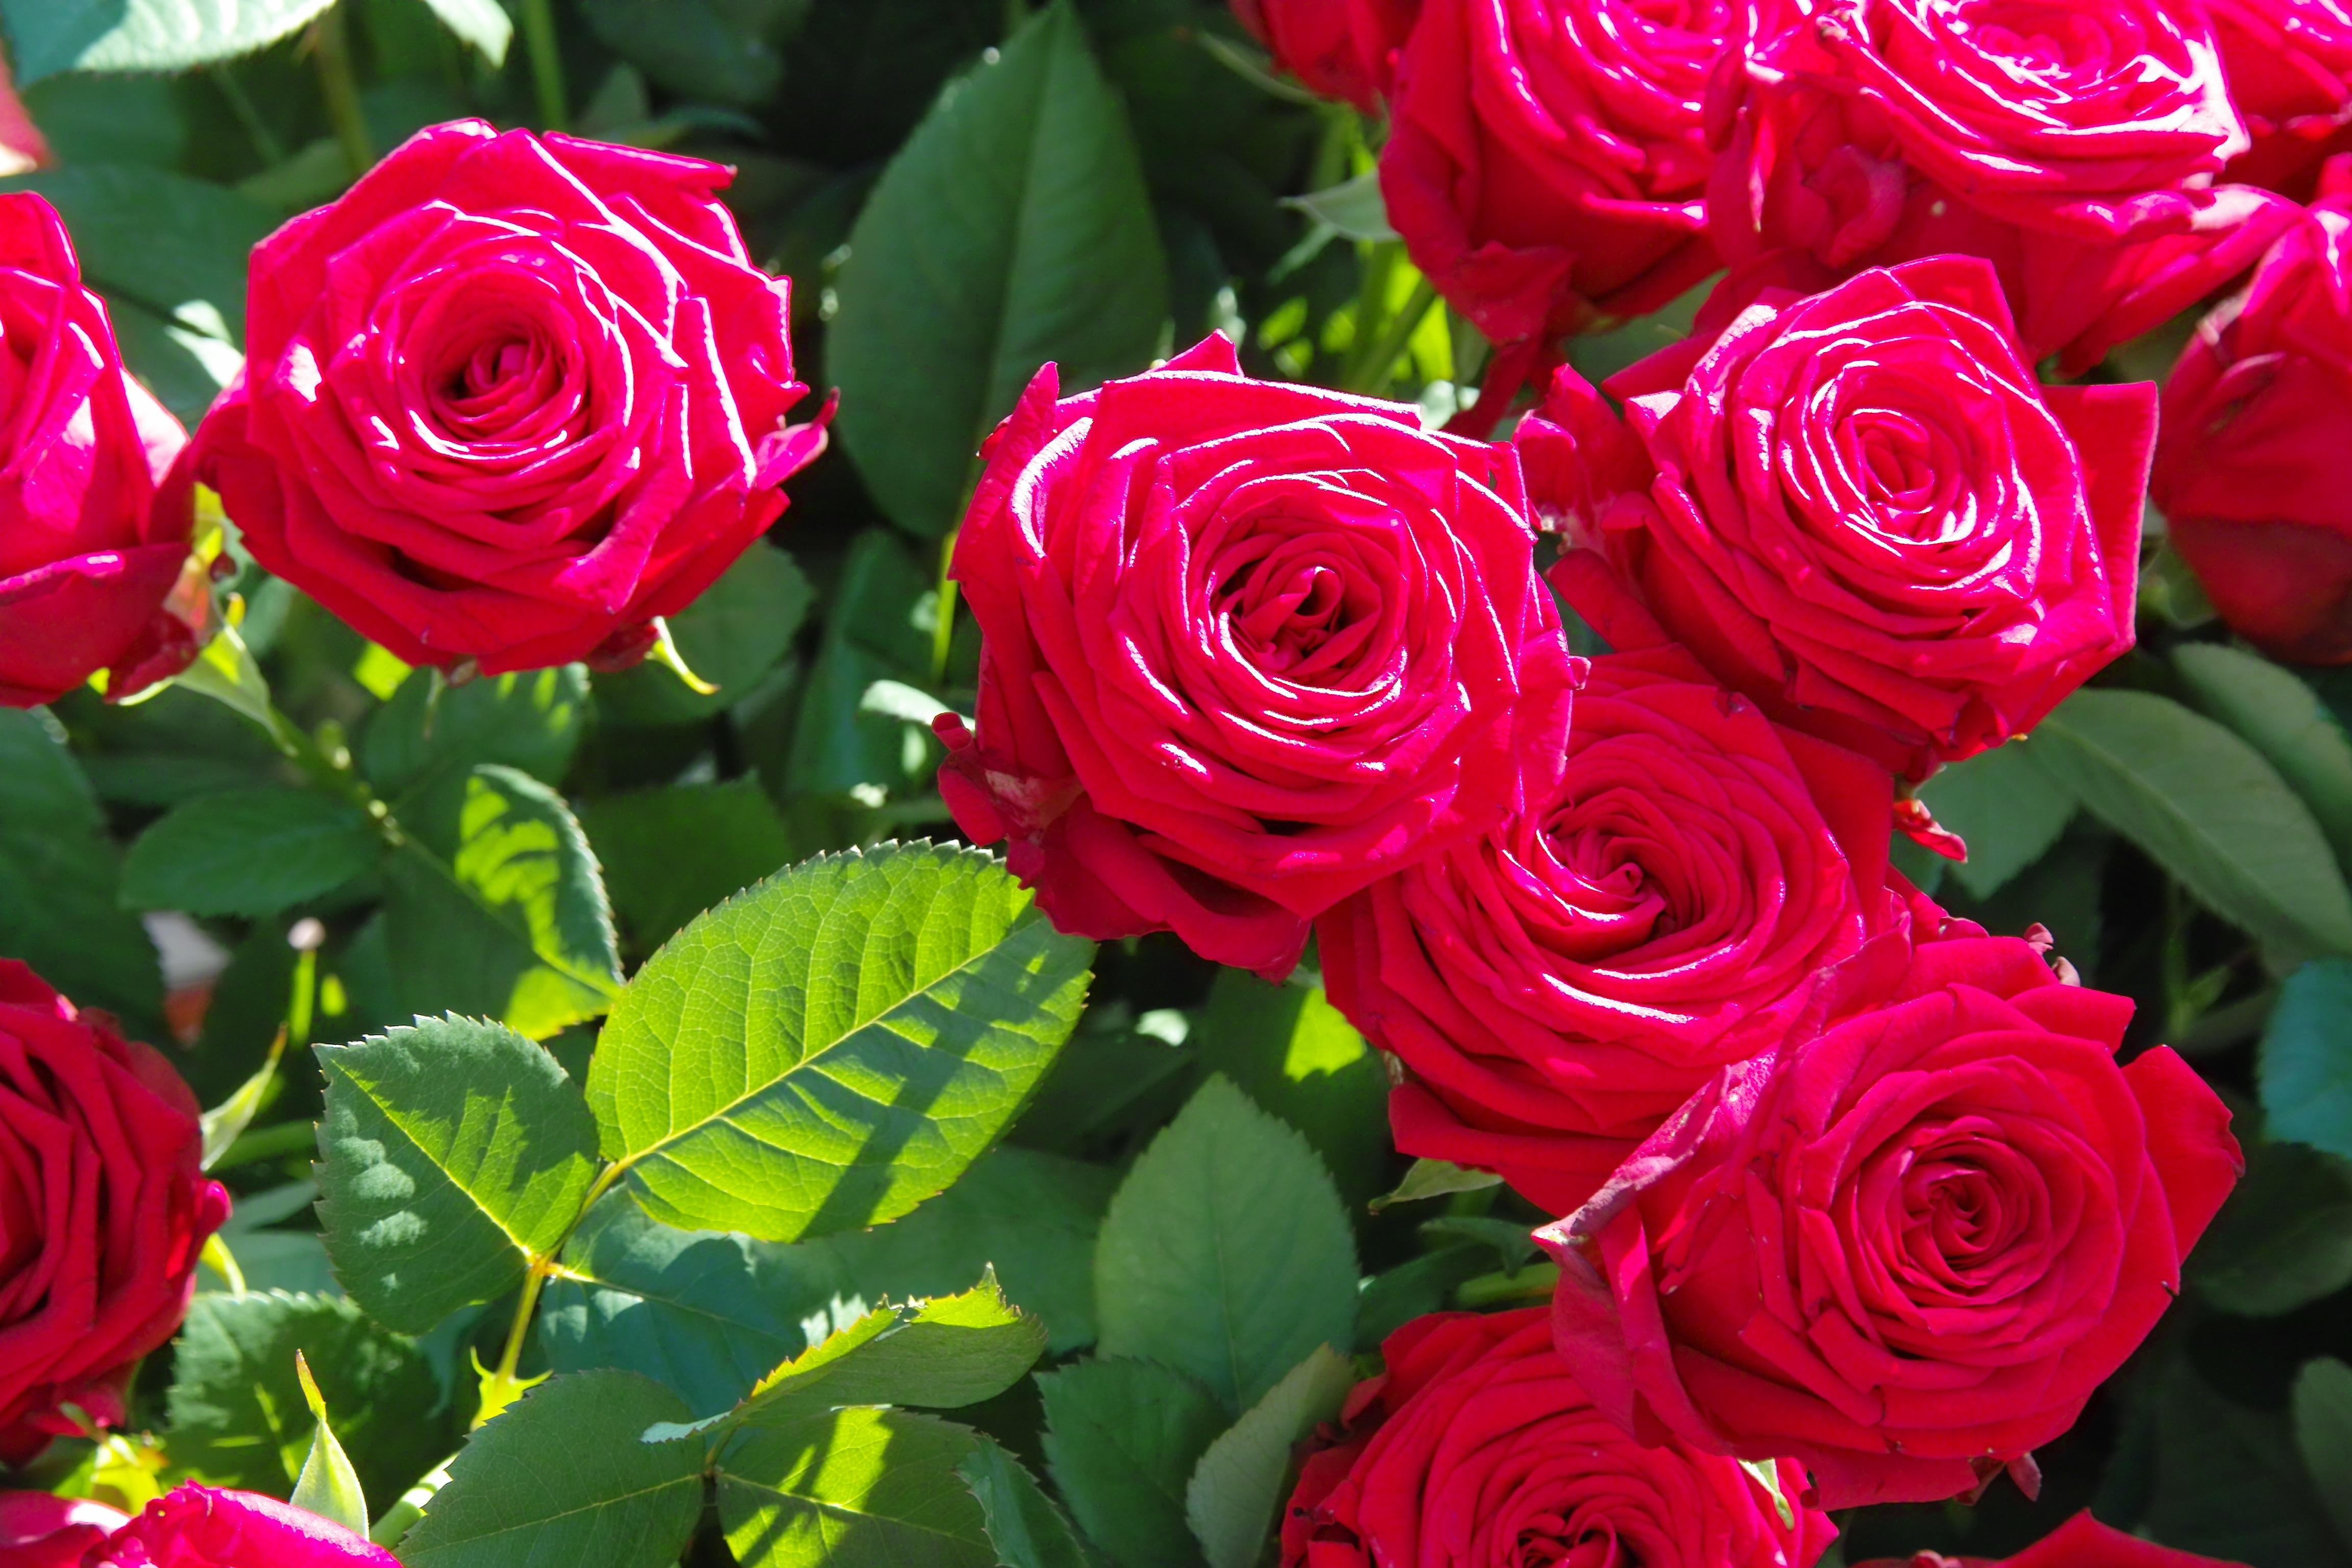 картинки на экран цветы розы нее